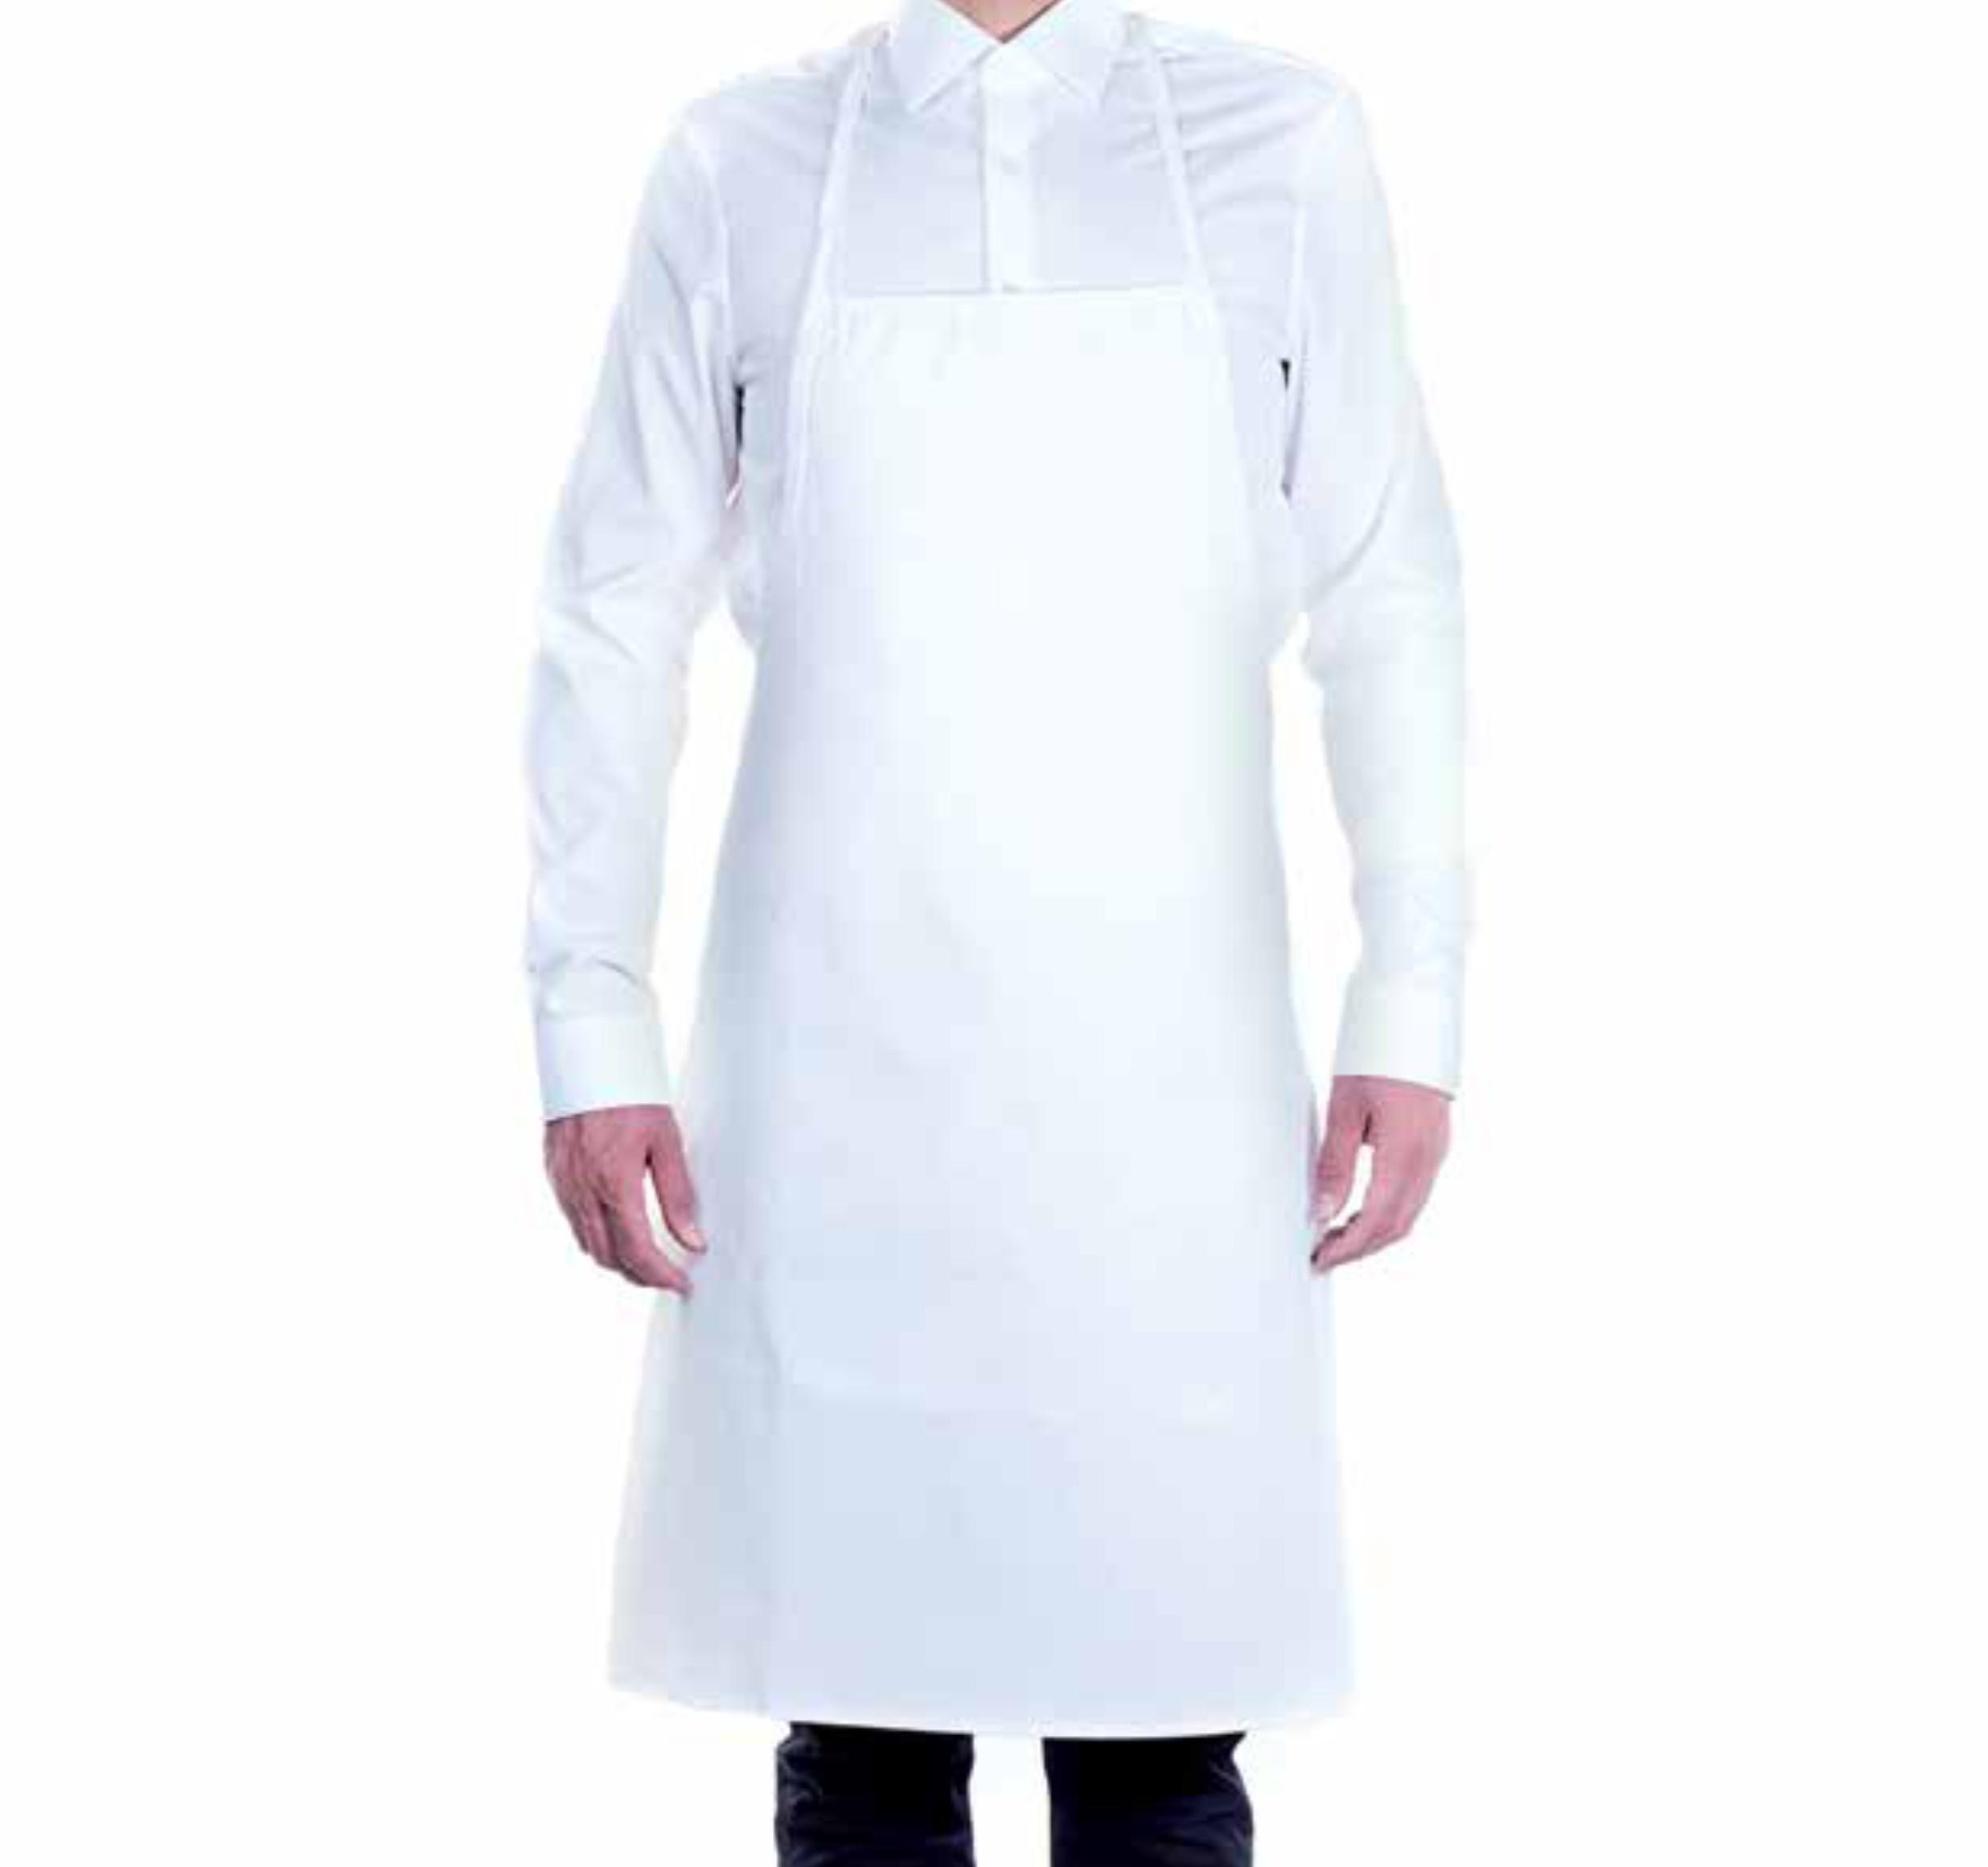 Avental De Cozinha Branco Higimaia